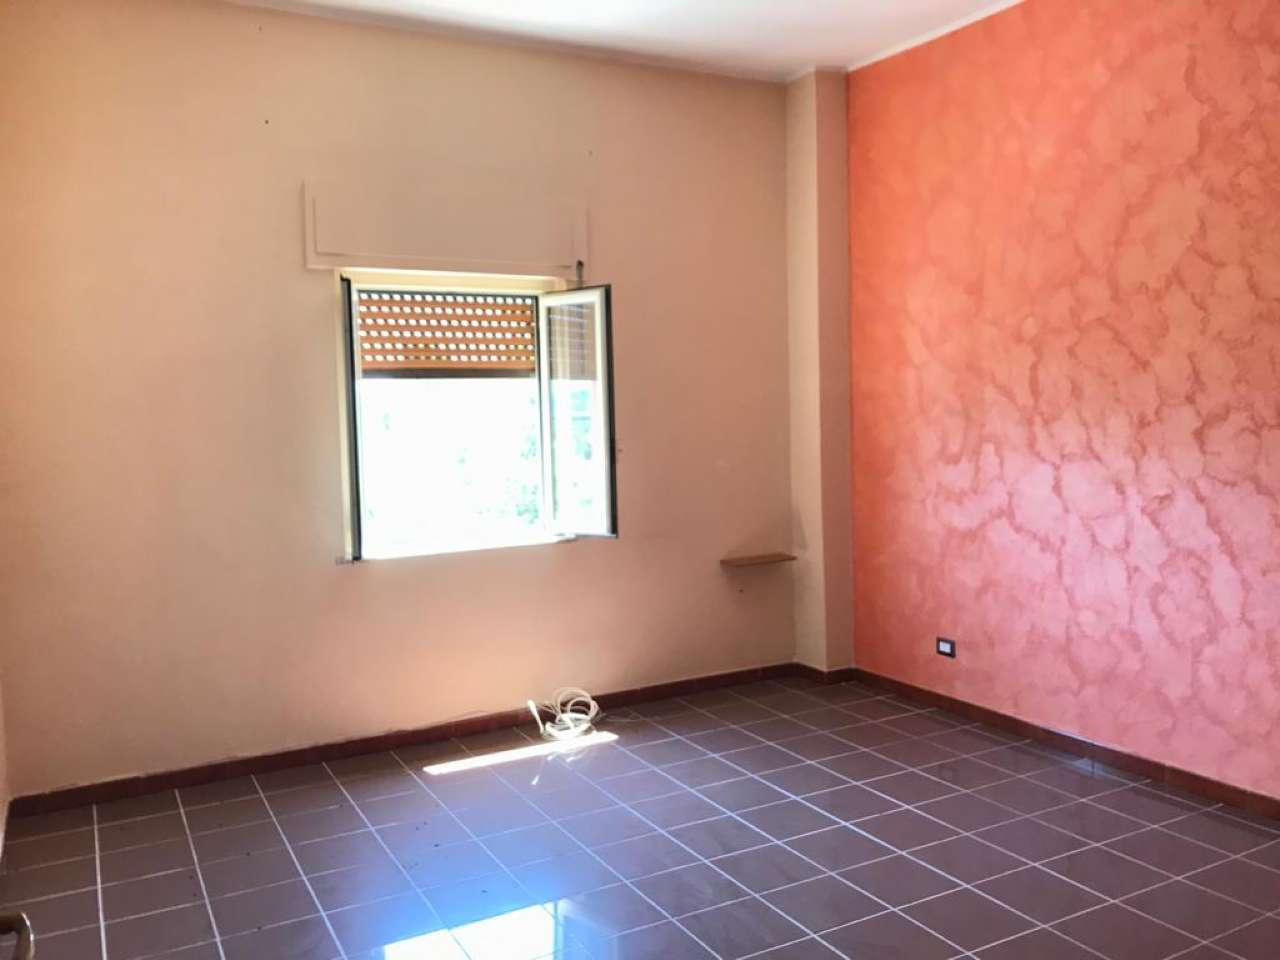 Trilocale, Via San Maria, Località Settimo, Montalto Uffugo, foto 11